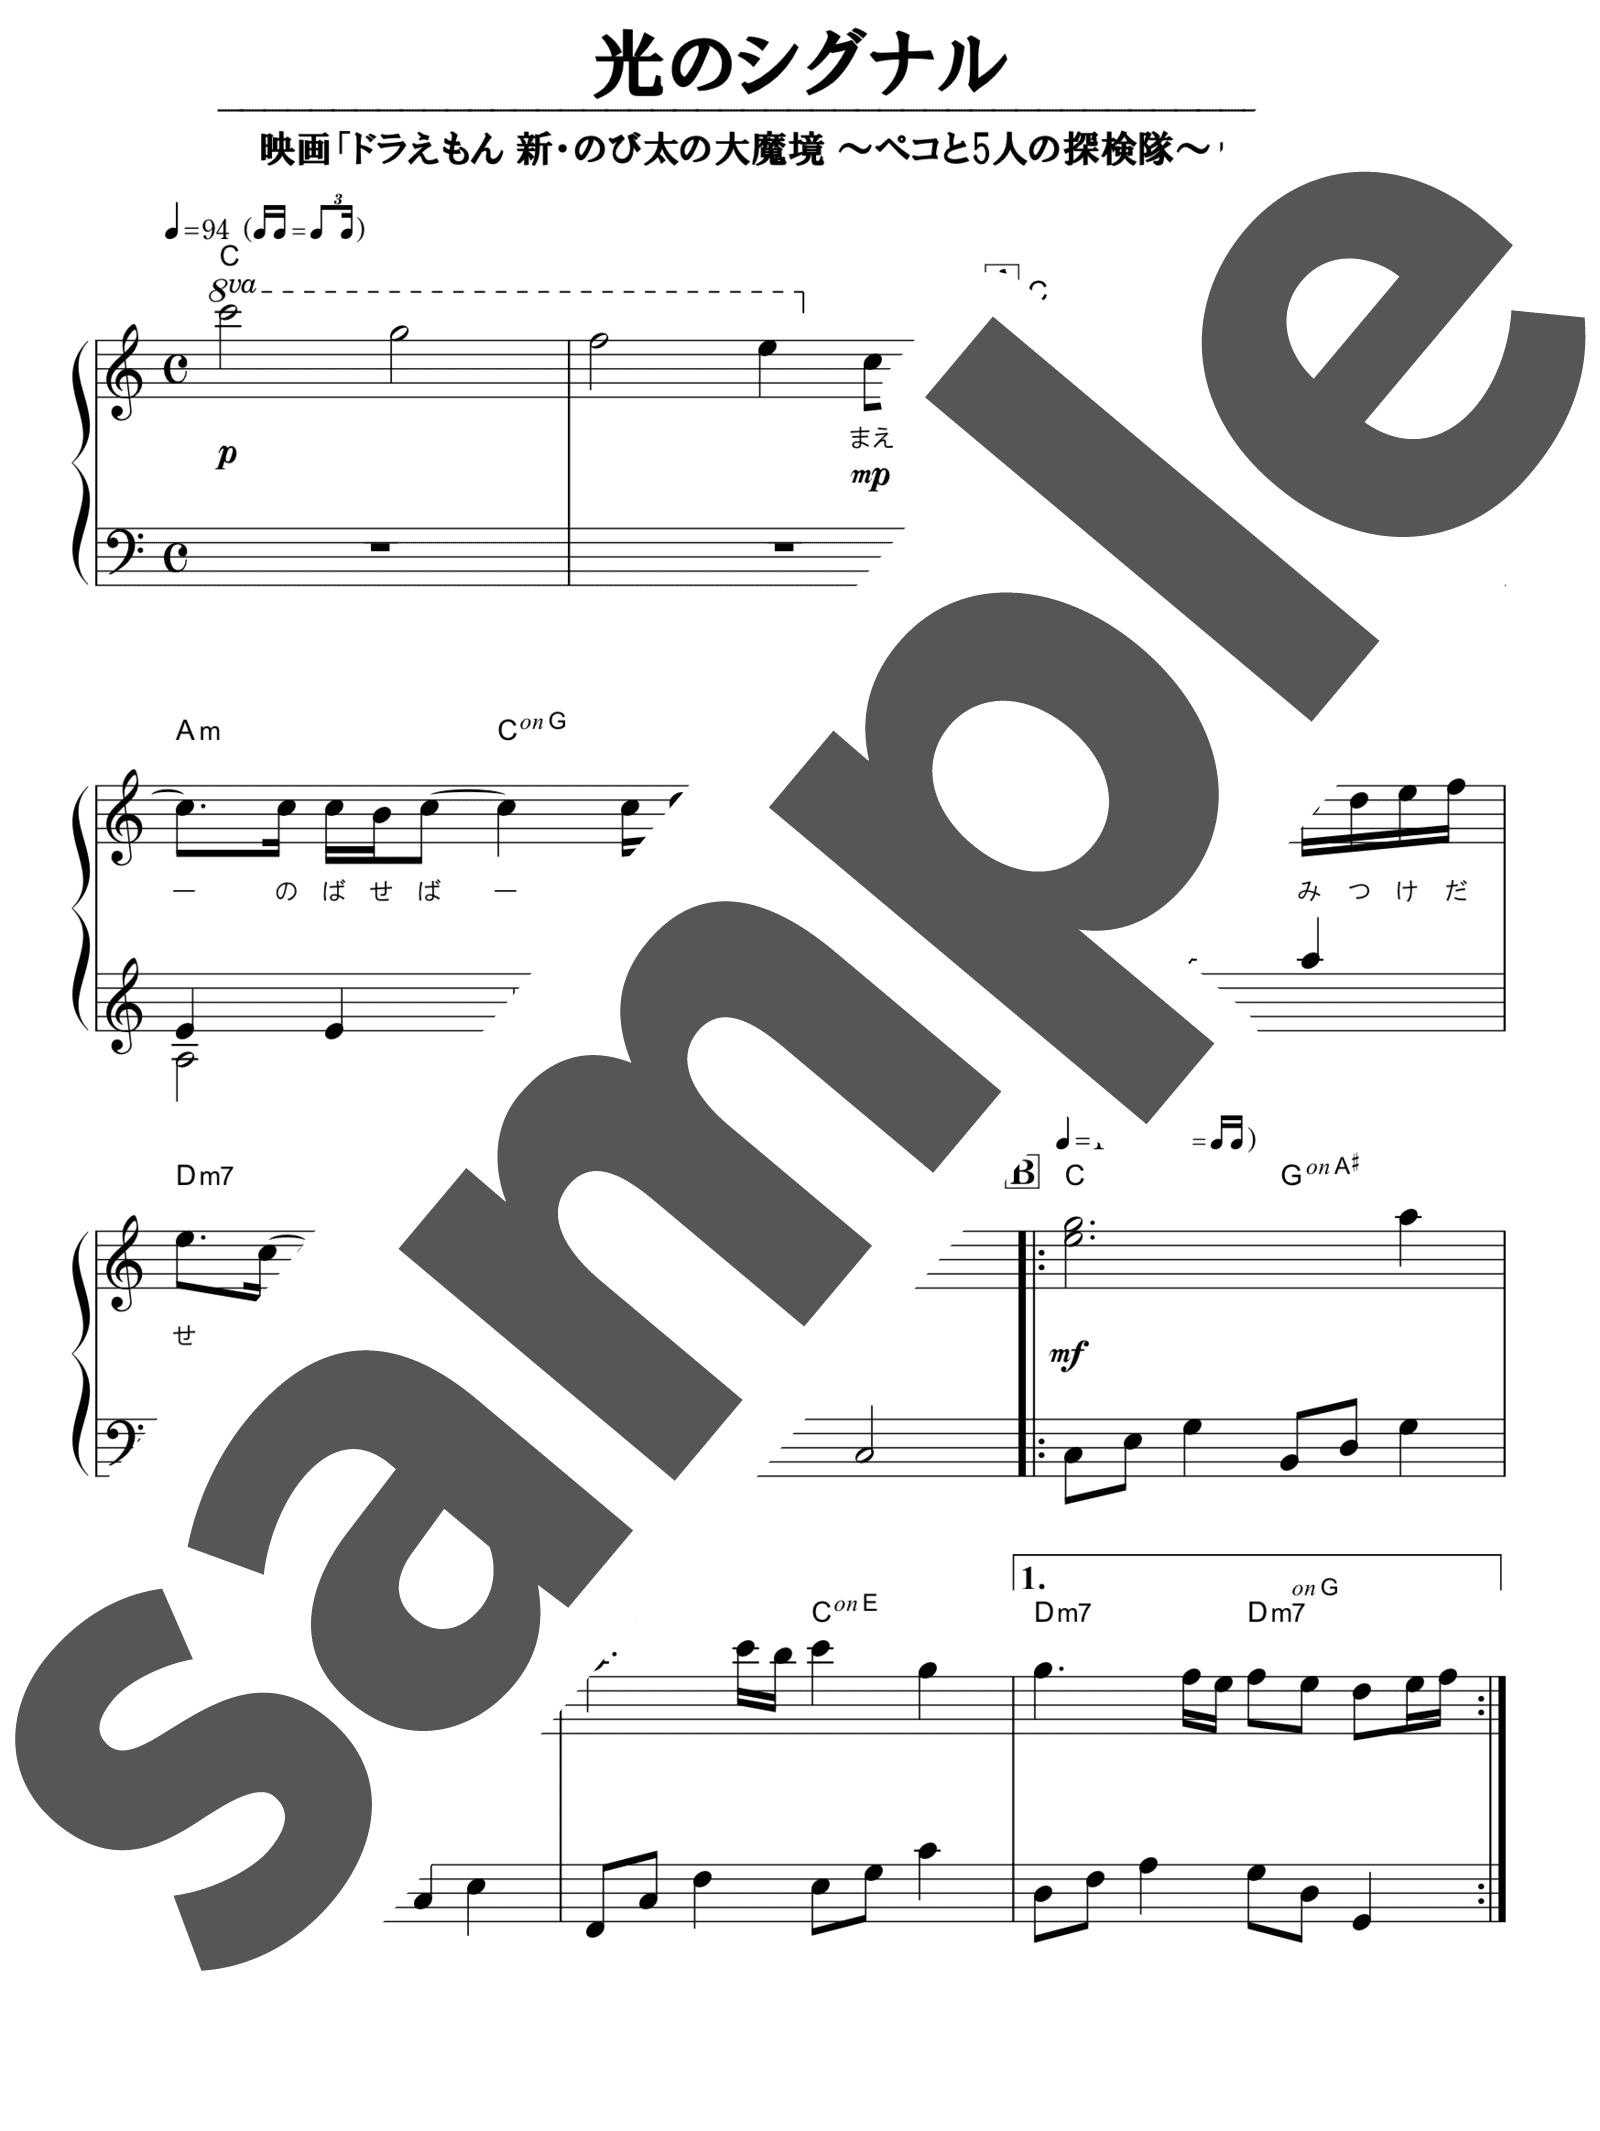 「光のシグナル」のサンプル楽譜